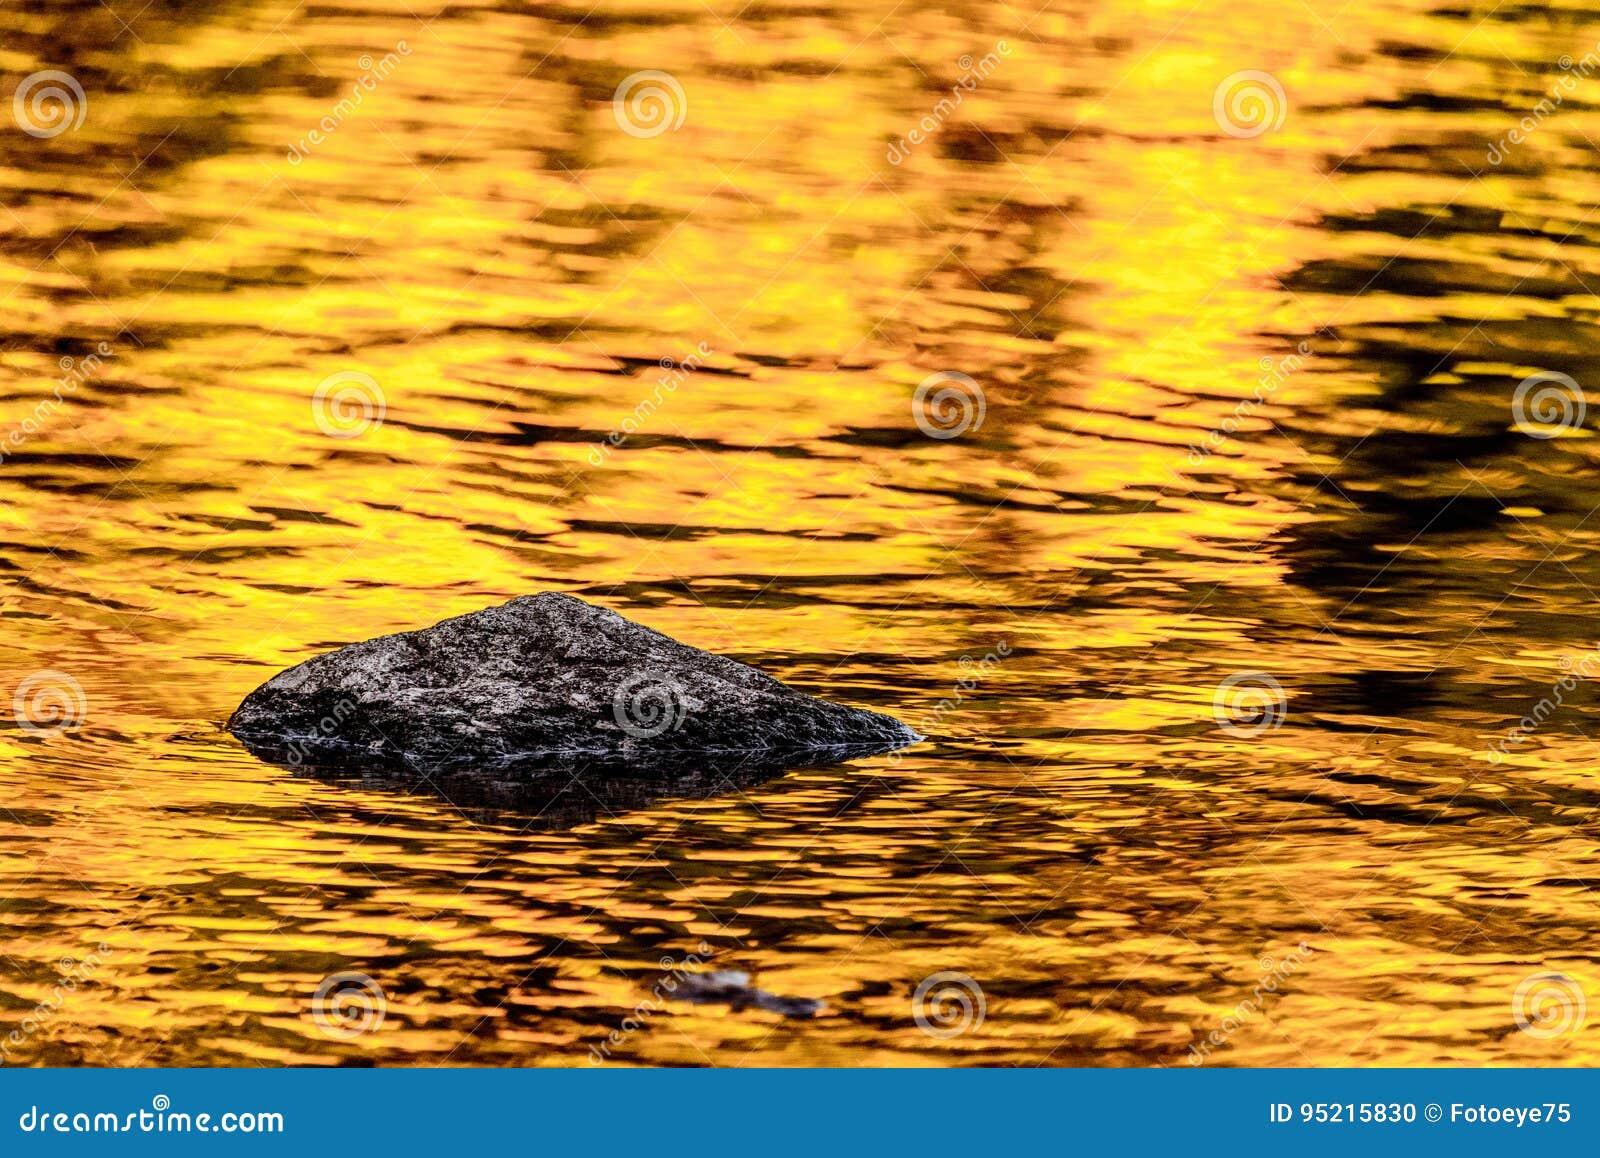 Felsen- und Goldherbstseereflexionen